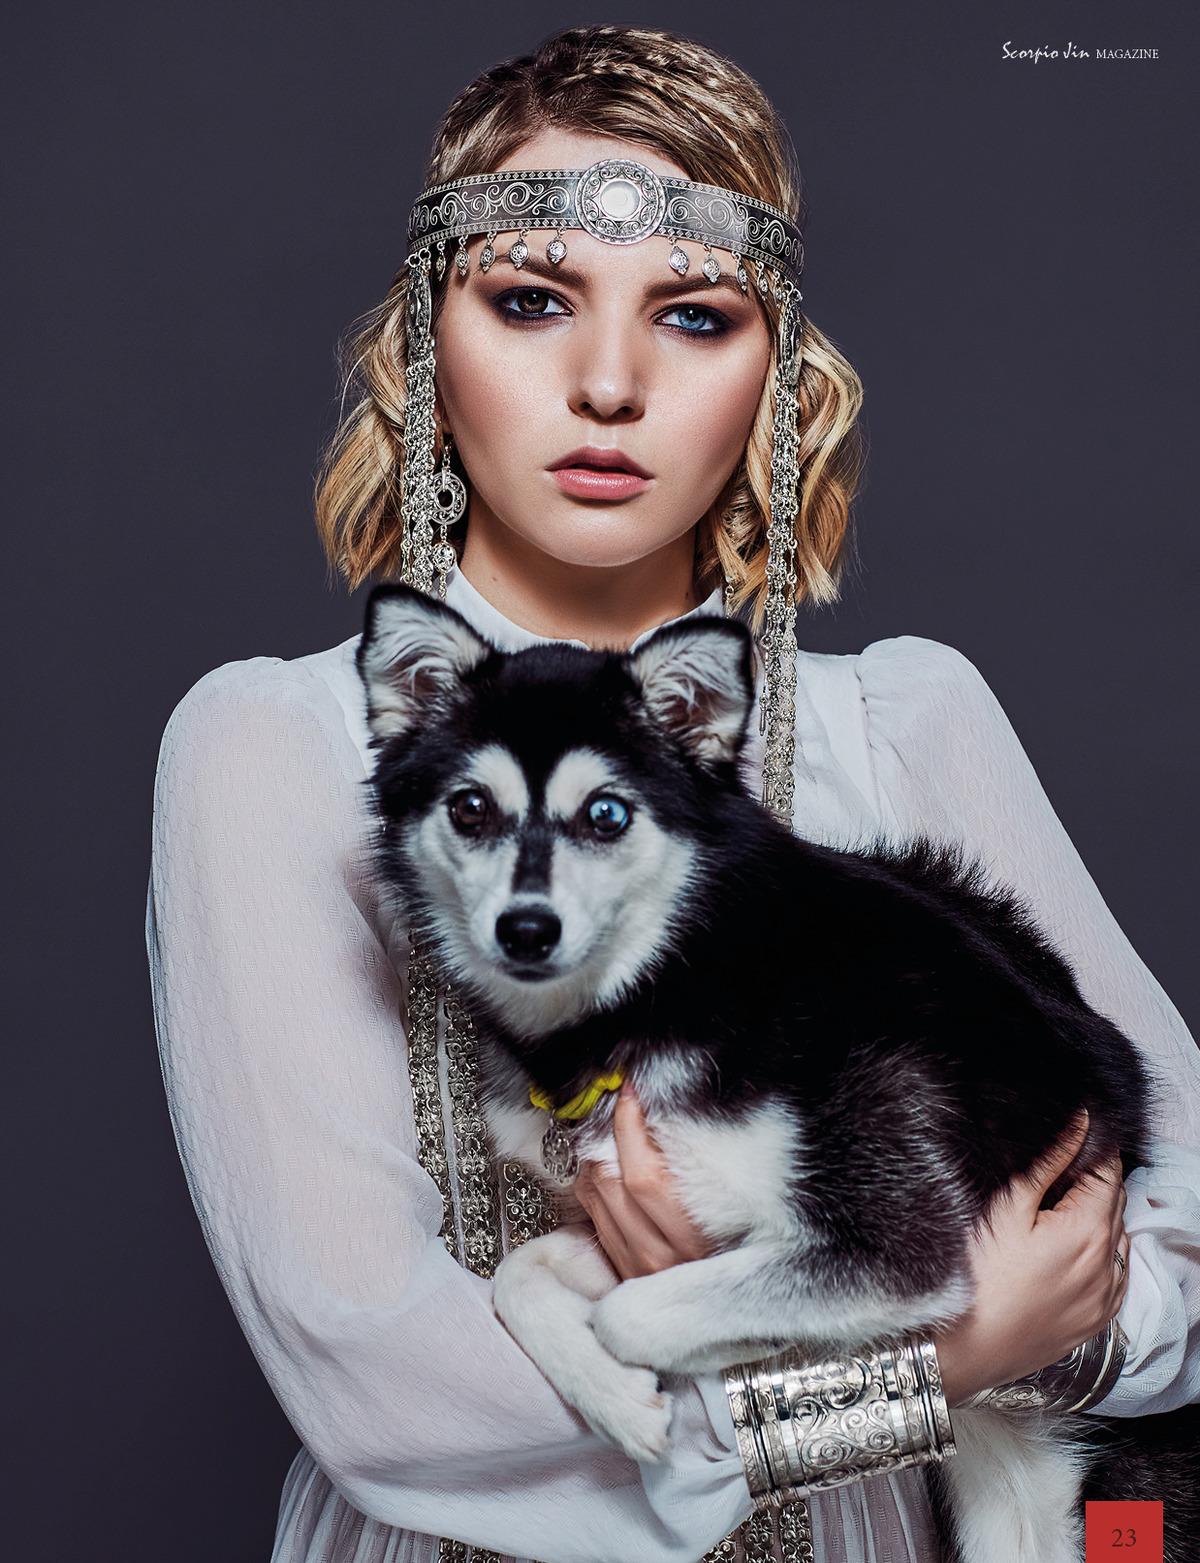 Фотографии якутских украшений опубликованы в американском журнале